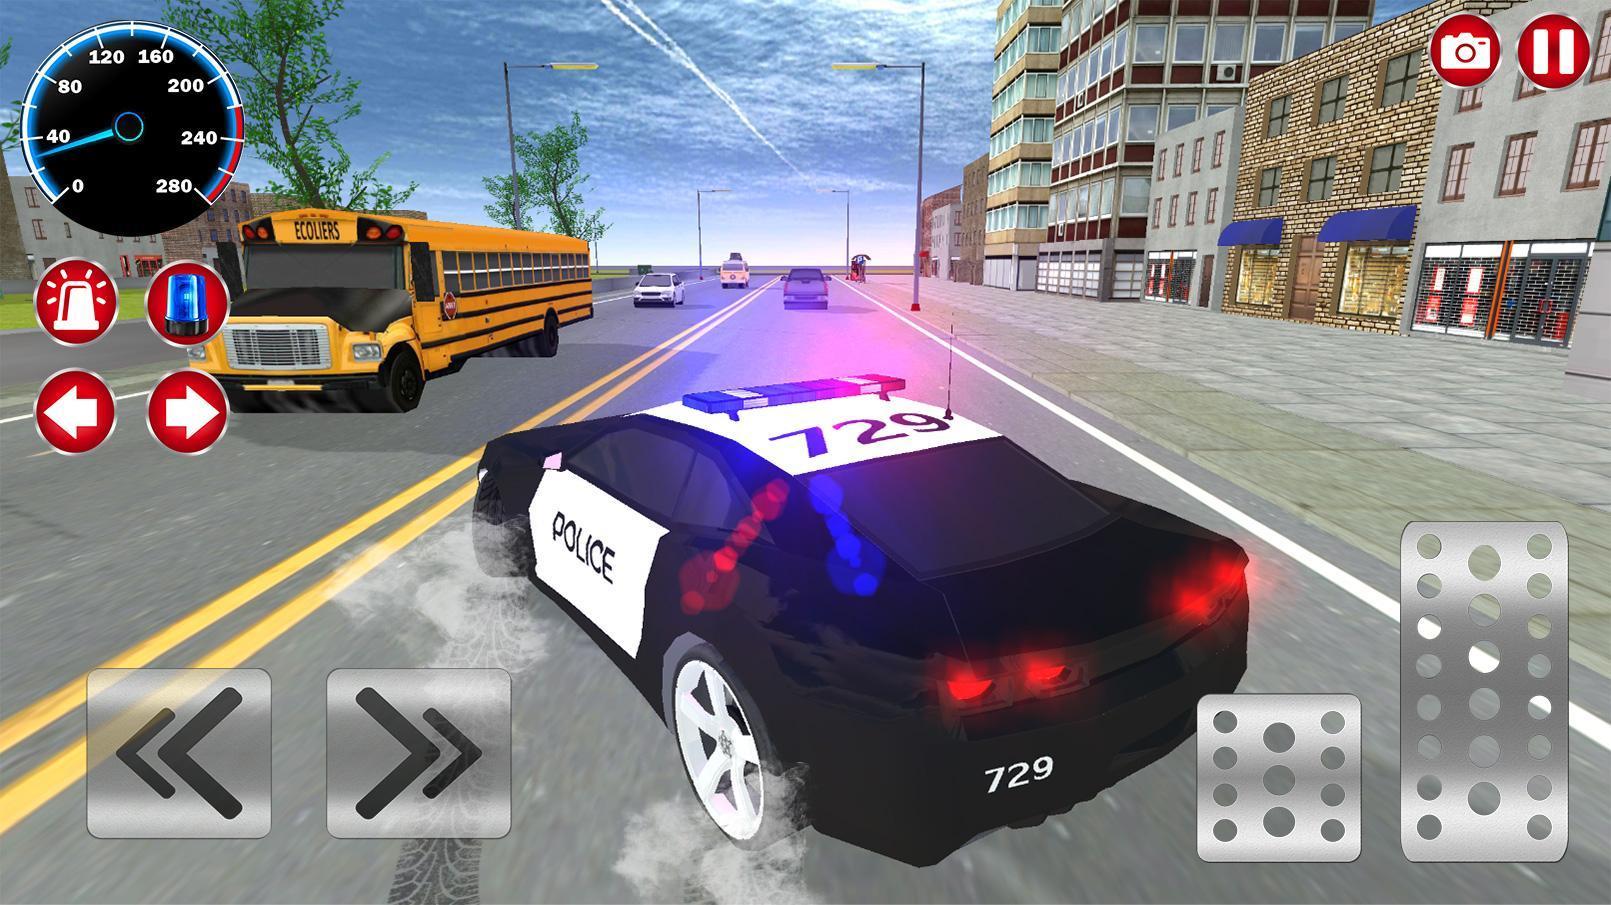 Police Et Voiture Simulateur De Jeu 3D Pour Android destiné Jeu De Voiture De Police Gratuit